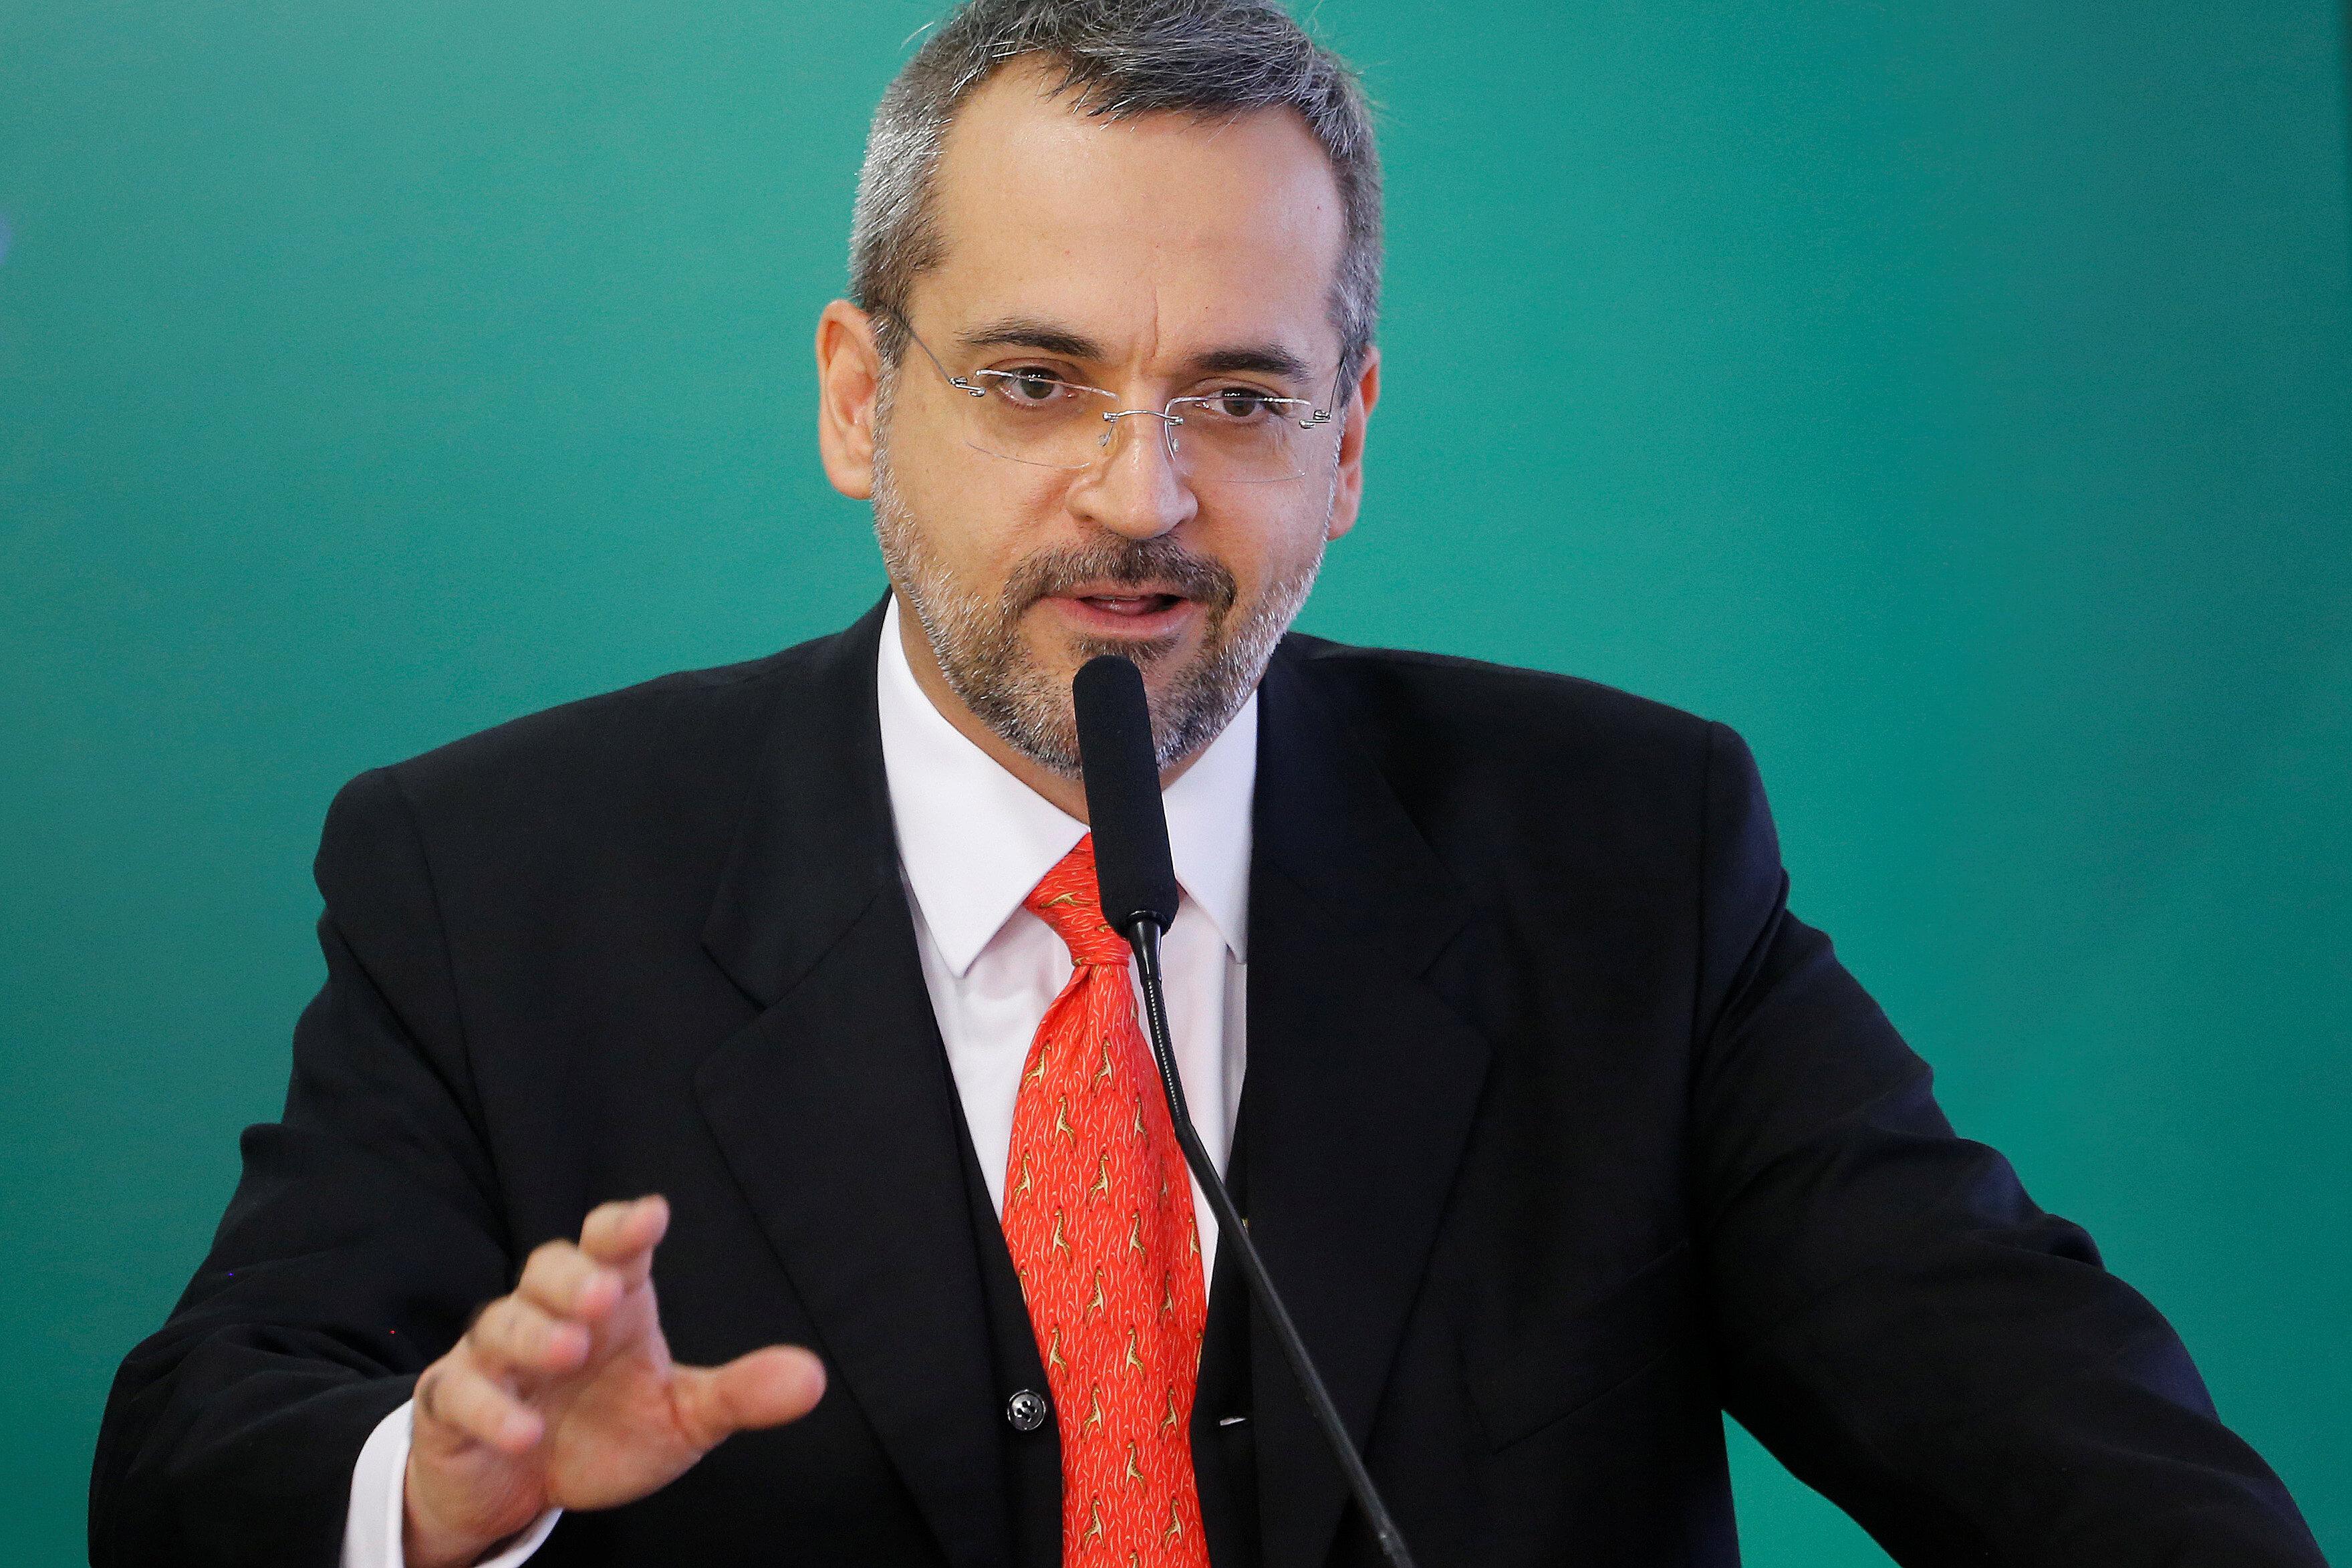 Em derrota do governo, Câmara convoca ministro da Educação para ser sabatinado no